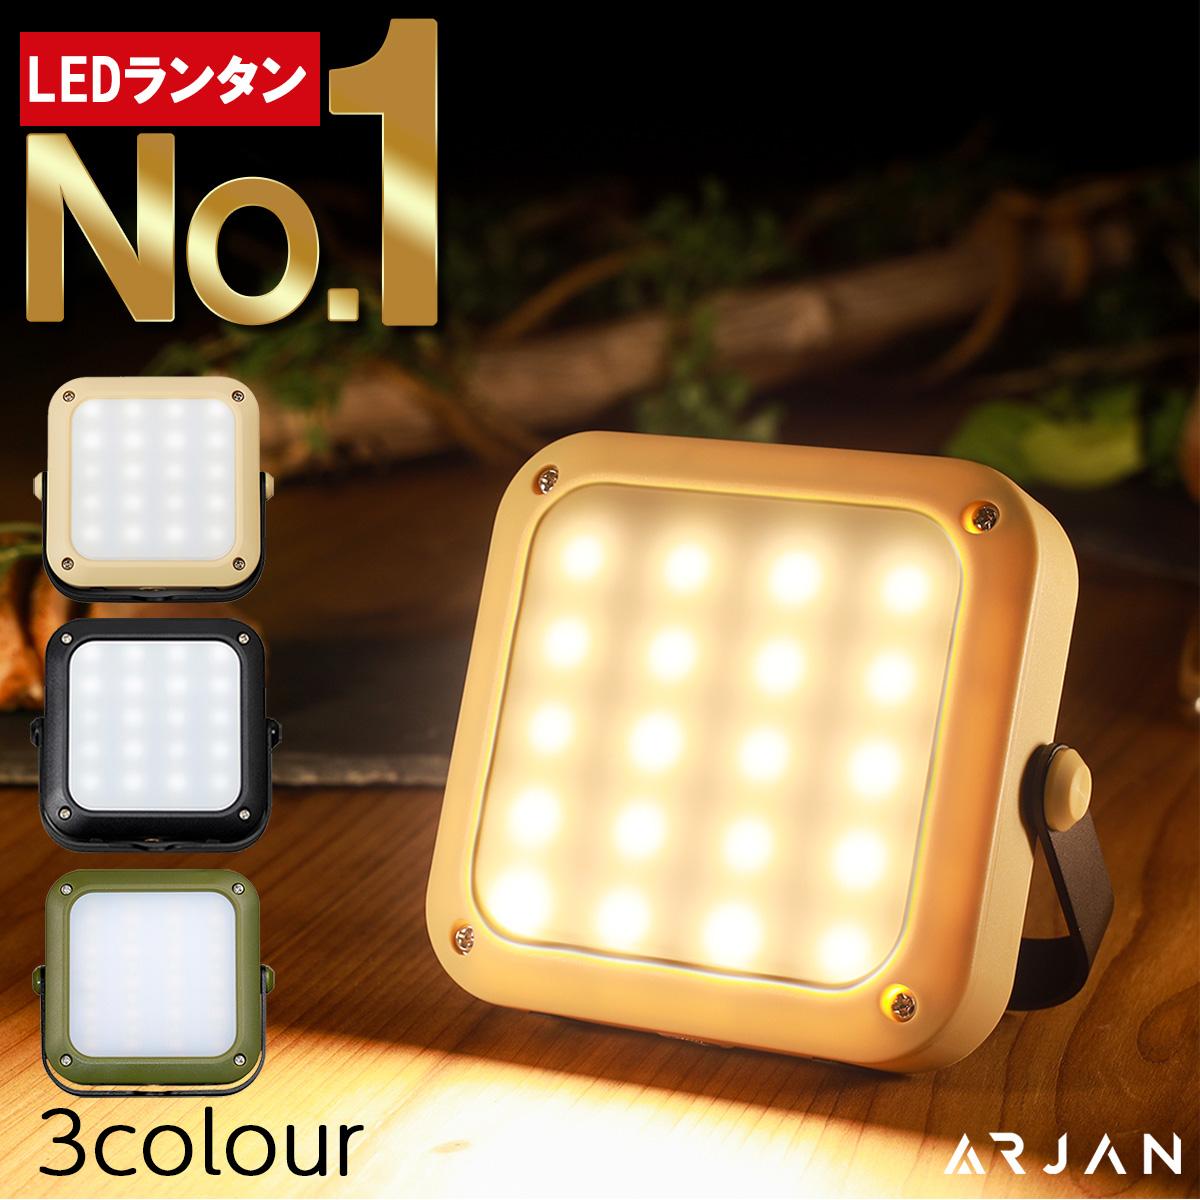 ランタン led 充電式 ledランタン USB充電式 暖色 災害用 防災 キャンプ ライト 明るい 1000ルーメン ARJAN